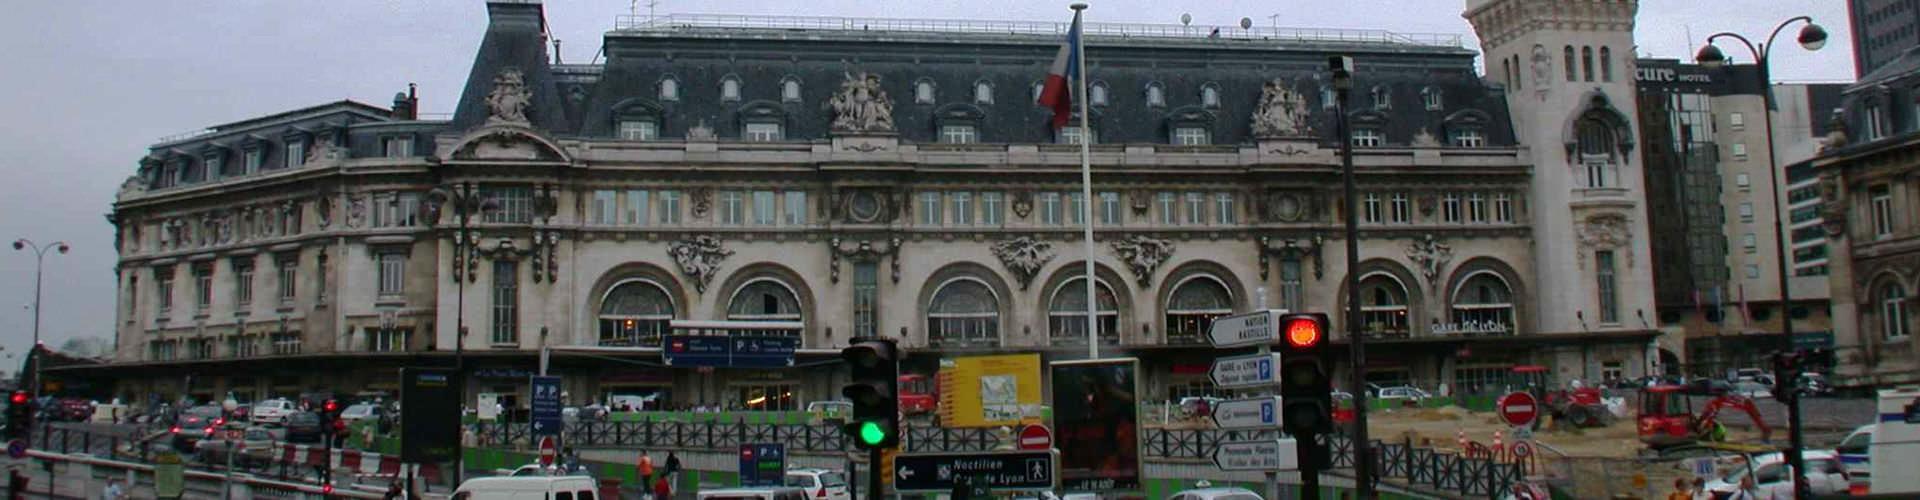 Paris - Auberges de jeunesse près de Gare de Lyon. Cartes pour Paris, photos et commentaires pour chaque auberge de jeunesse à Paris.